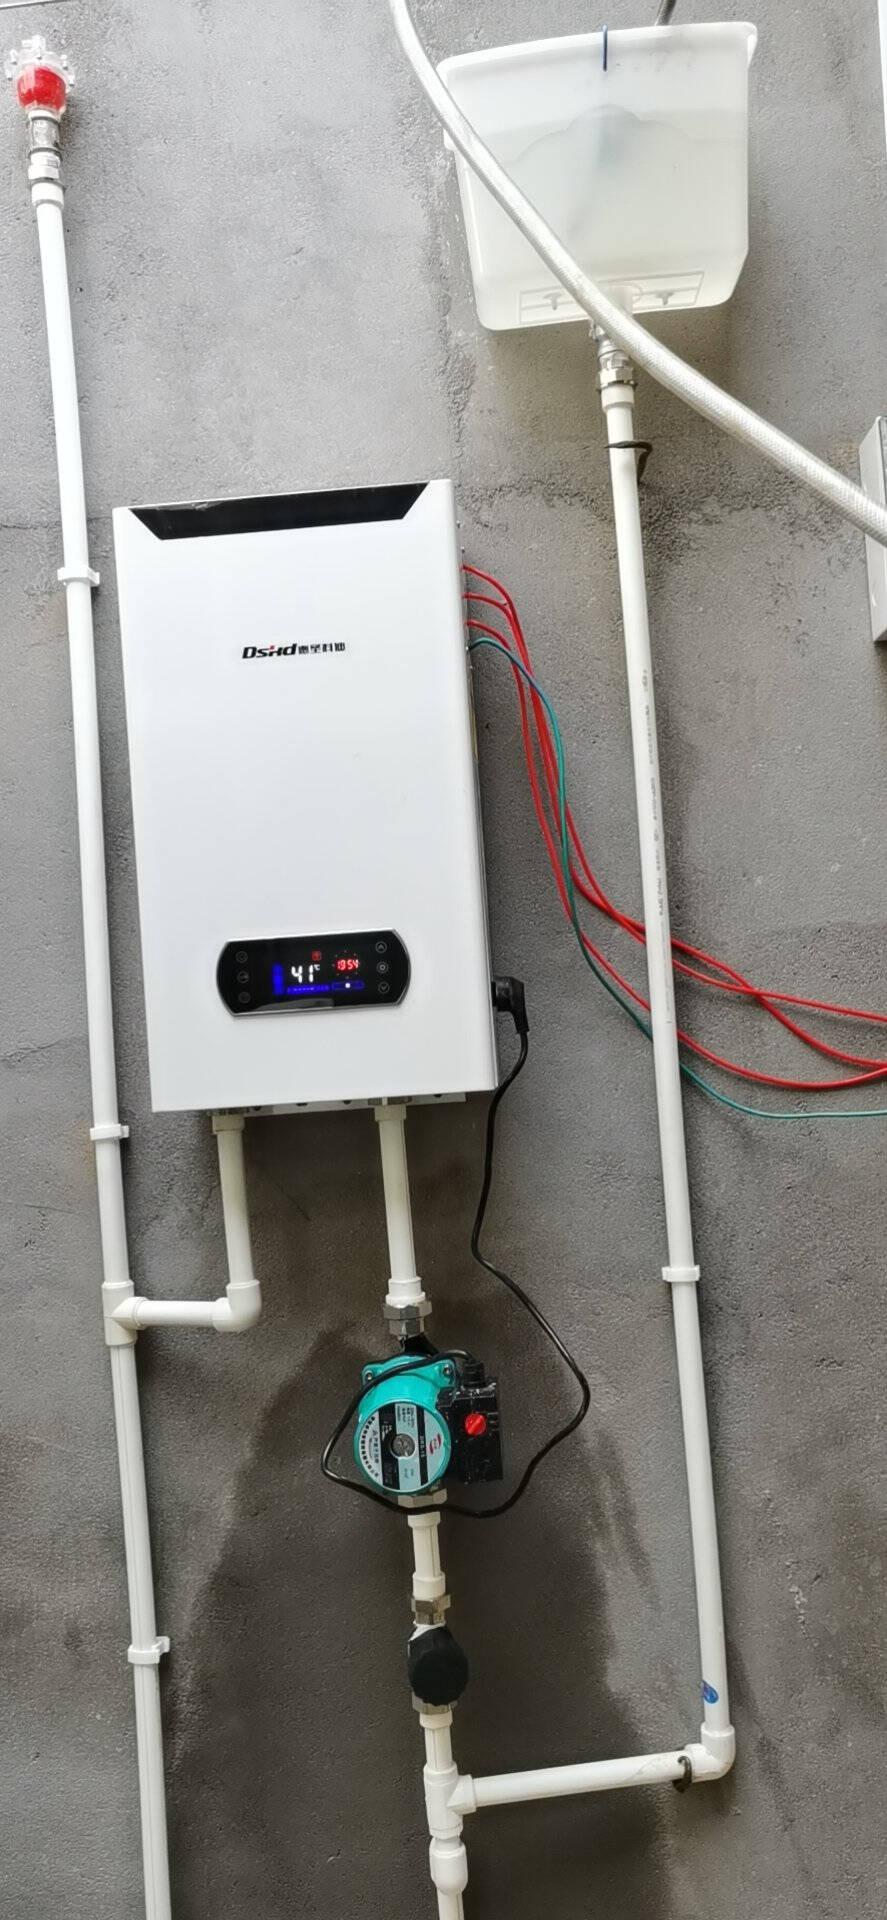 德圣科迪电采暖炉家用地暖煤改电壁挂炉省电变频电锅炉地暖散热器取暖炉环保煤改电地热电磁采暖炉220V12KW供暖120㎡内220V密闭式内置水泵带膨胀水箱